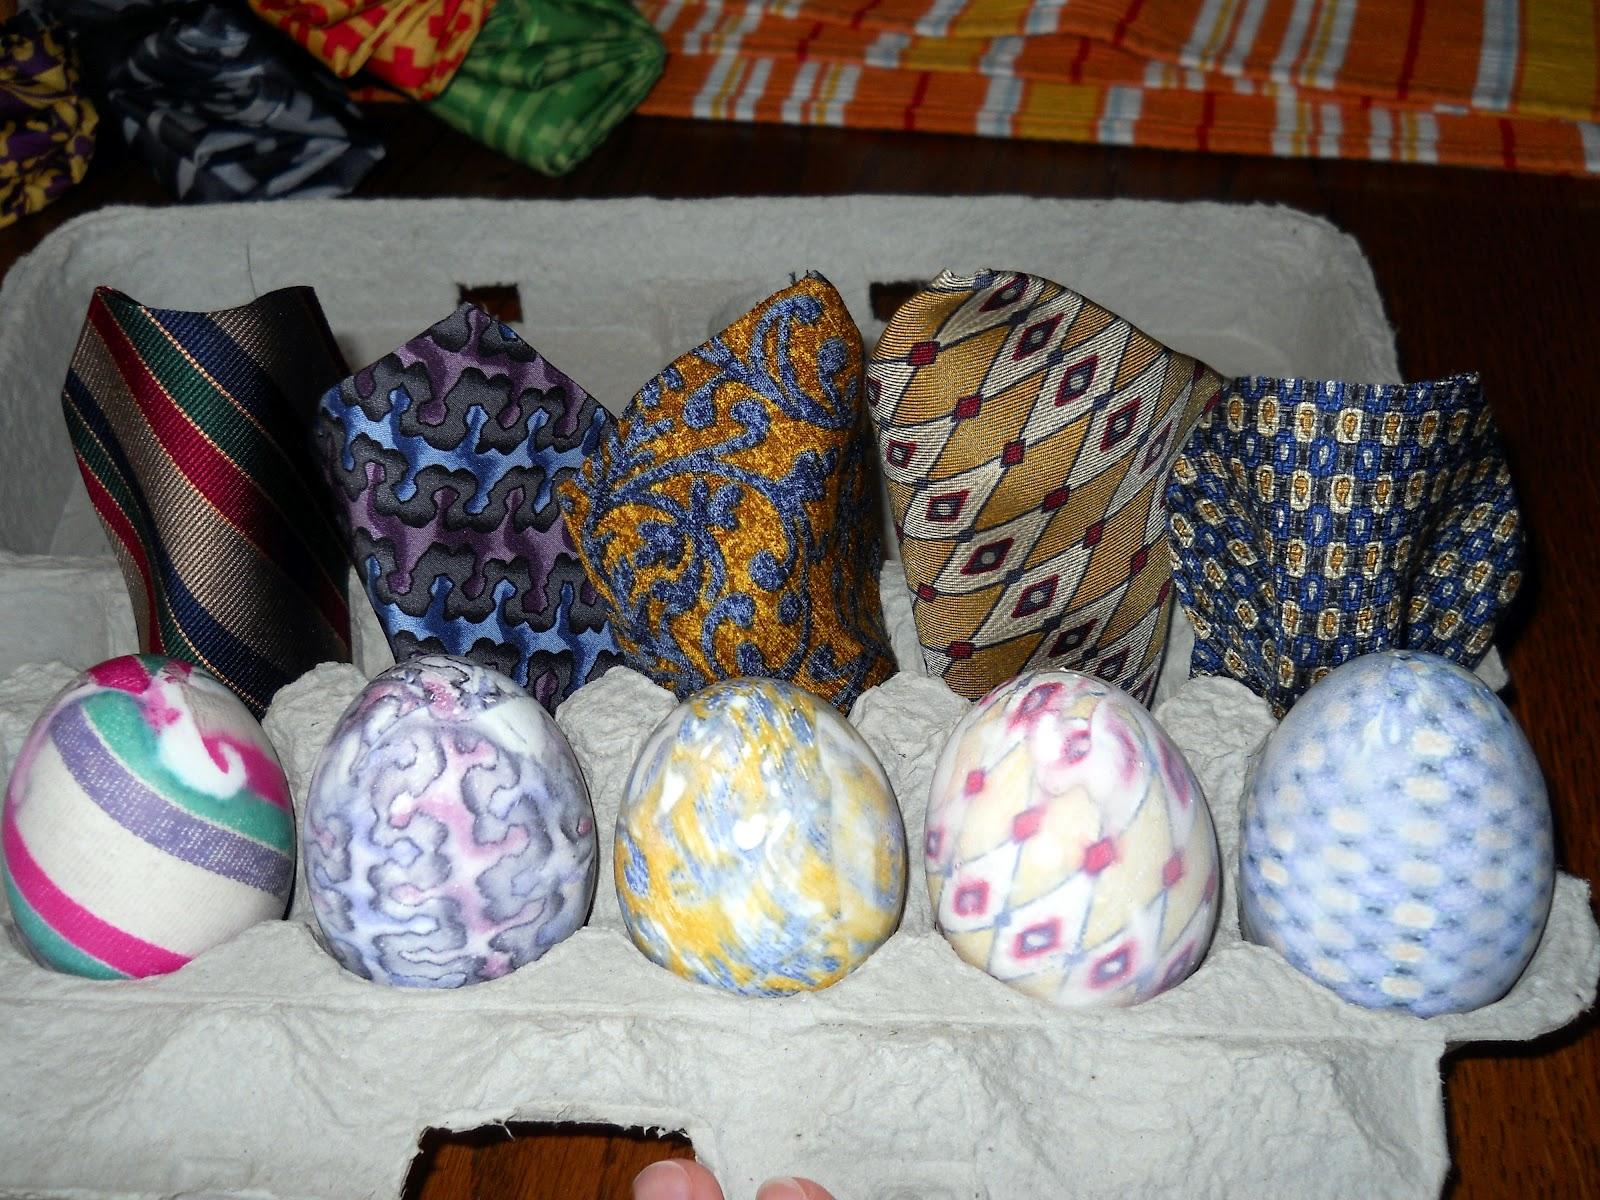 lombardo lagniappe silk tie dyed easter eggs